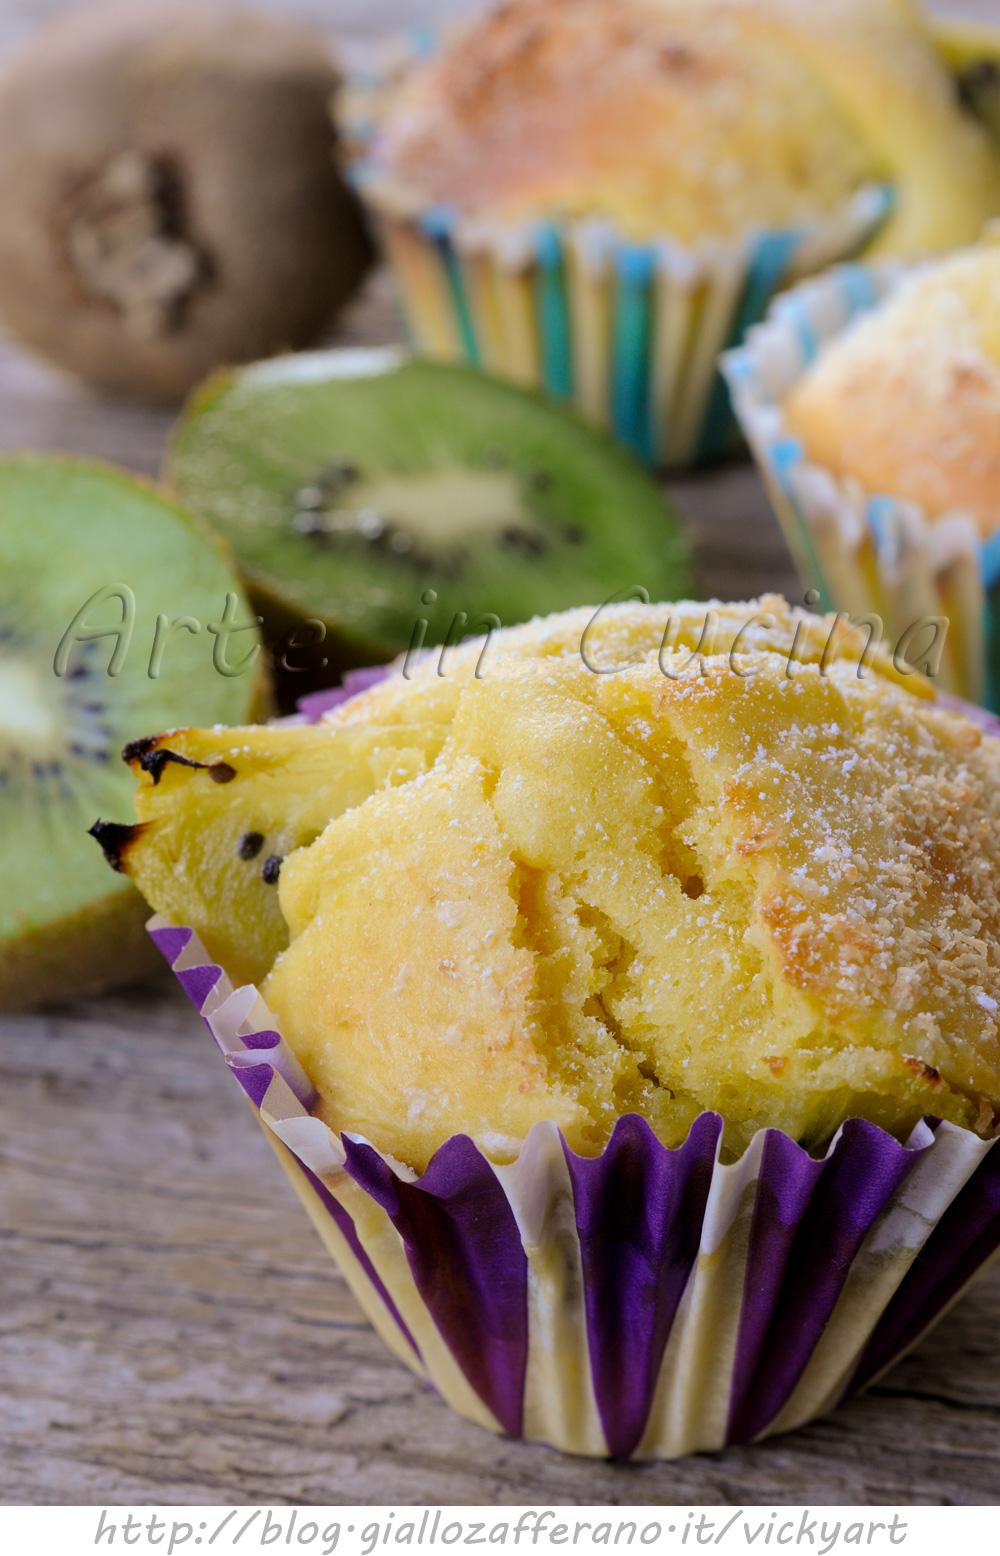 Muffin ai kiwi e cocco ricetta dolce veloce vickyart arte in cucina